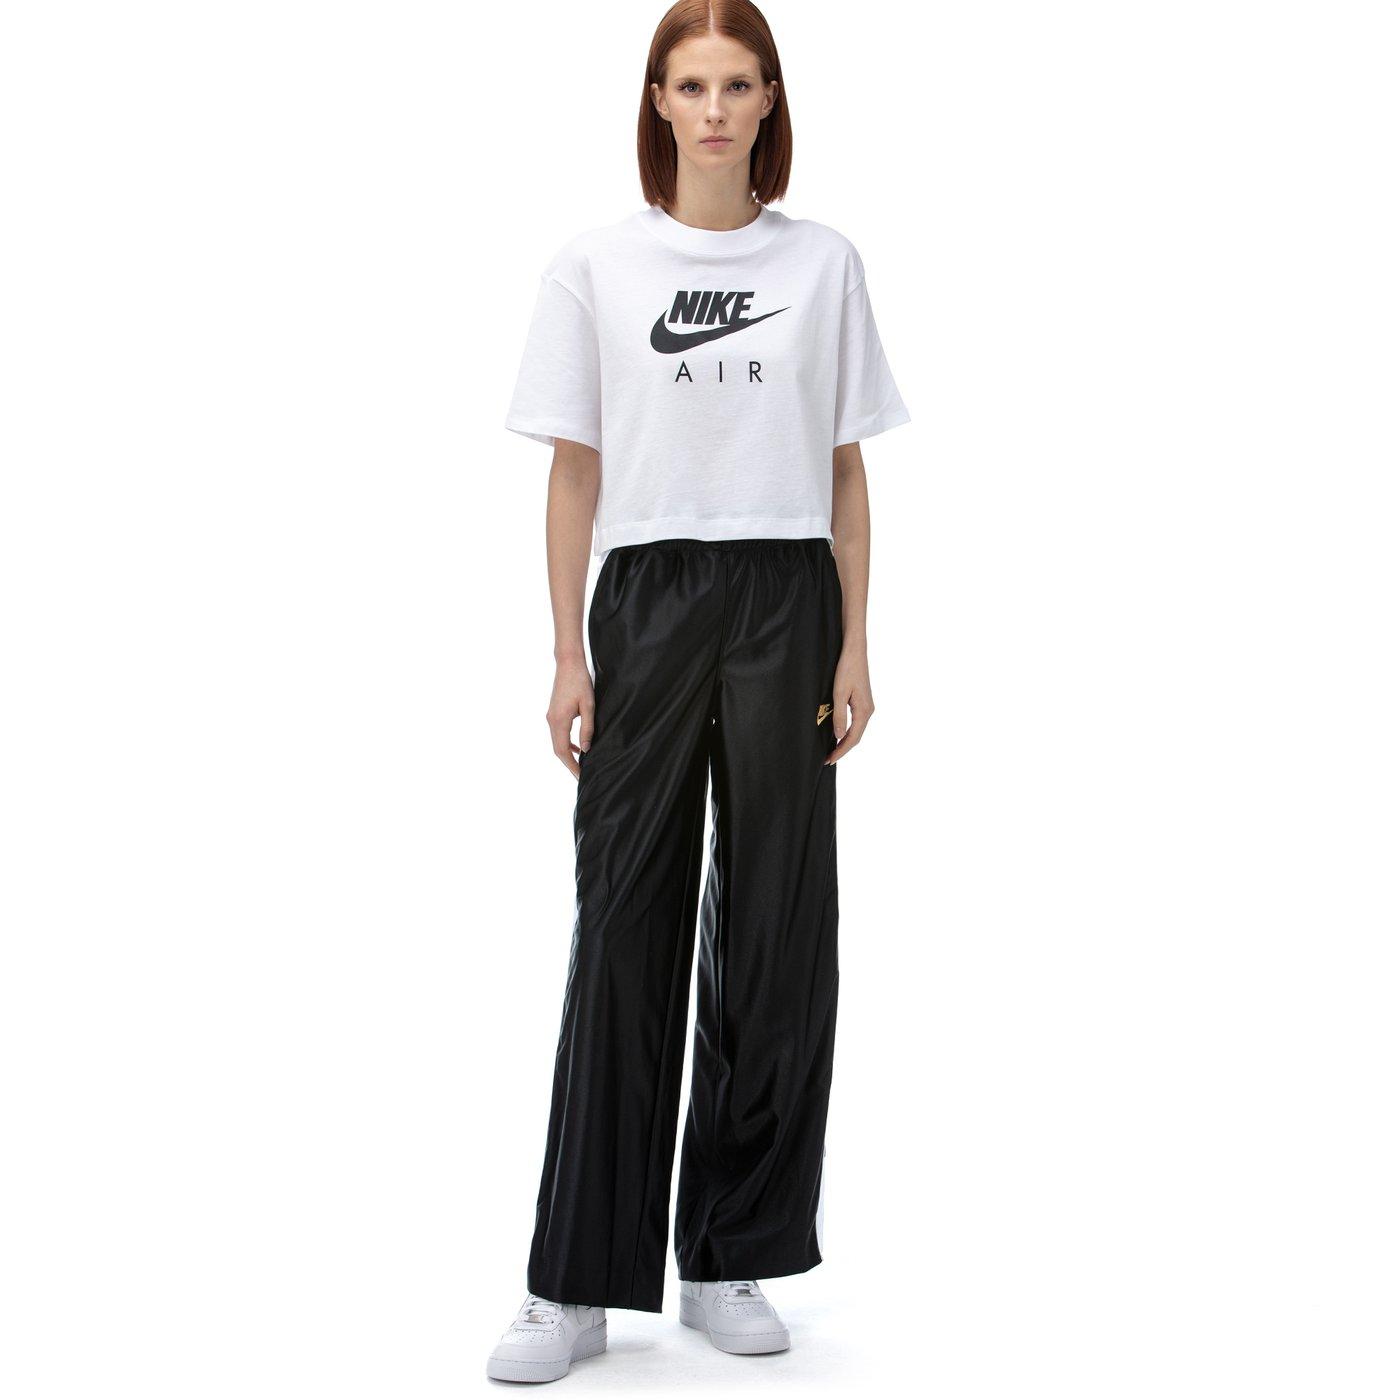 Nike Popper Siyah Kadın Eşofman Altı